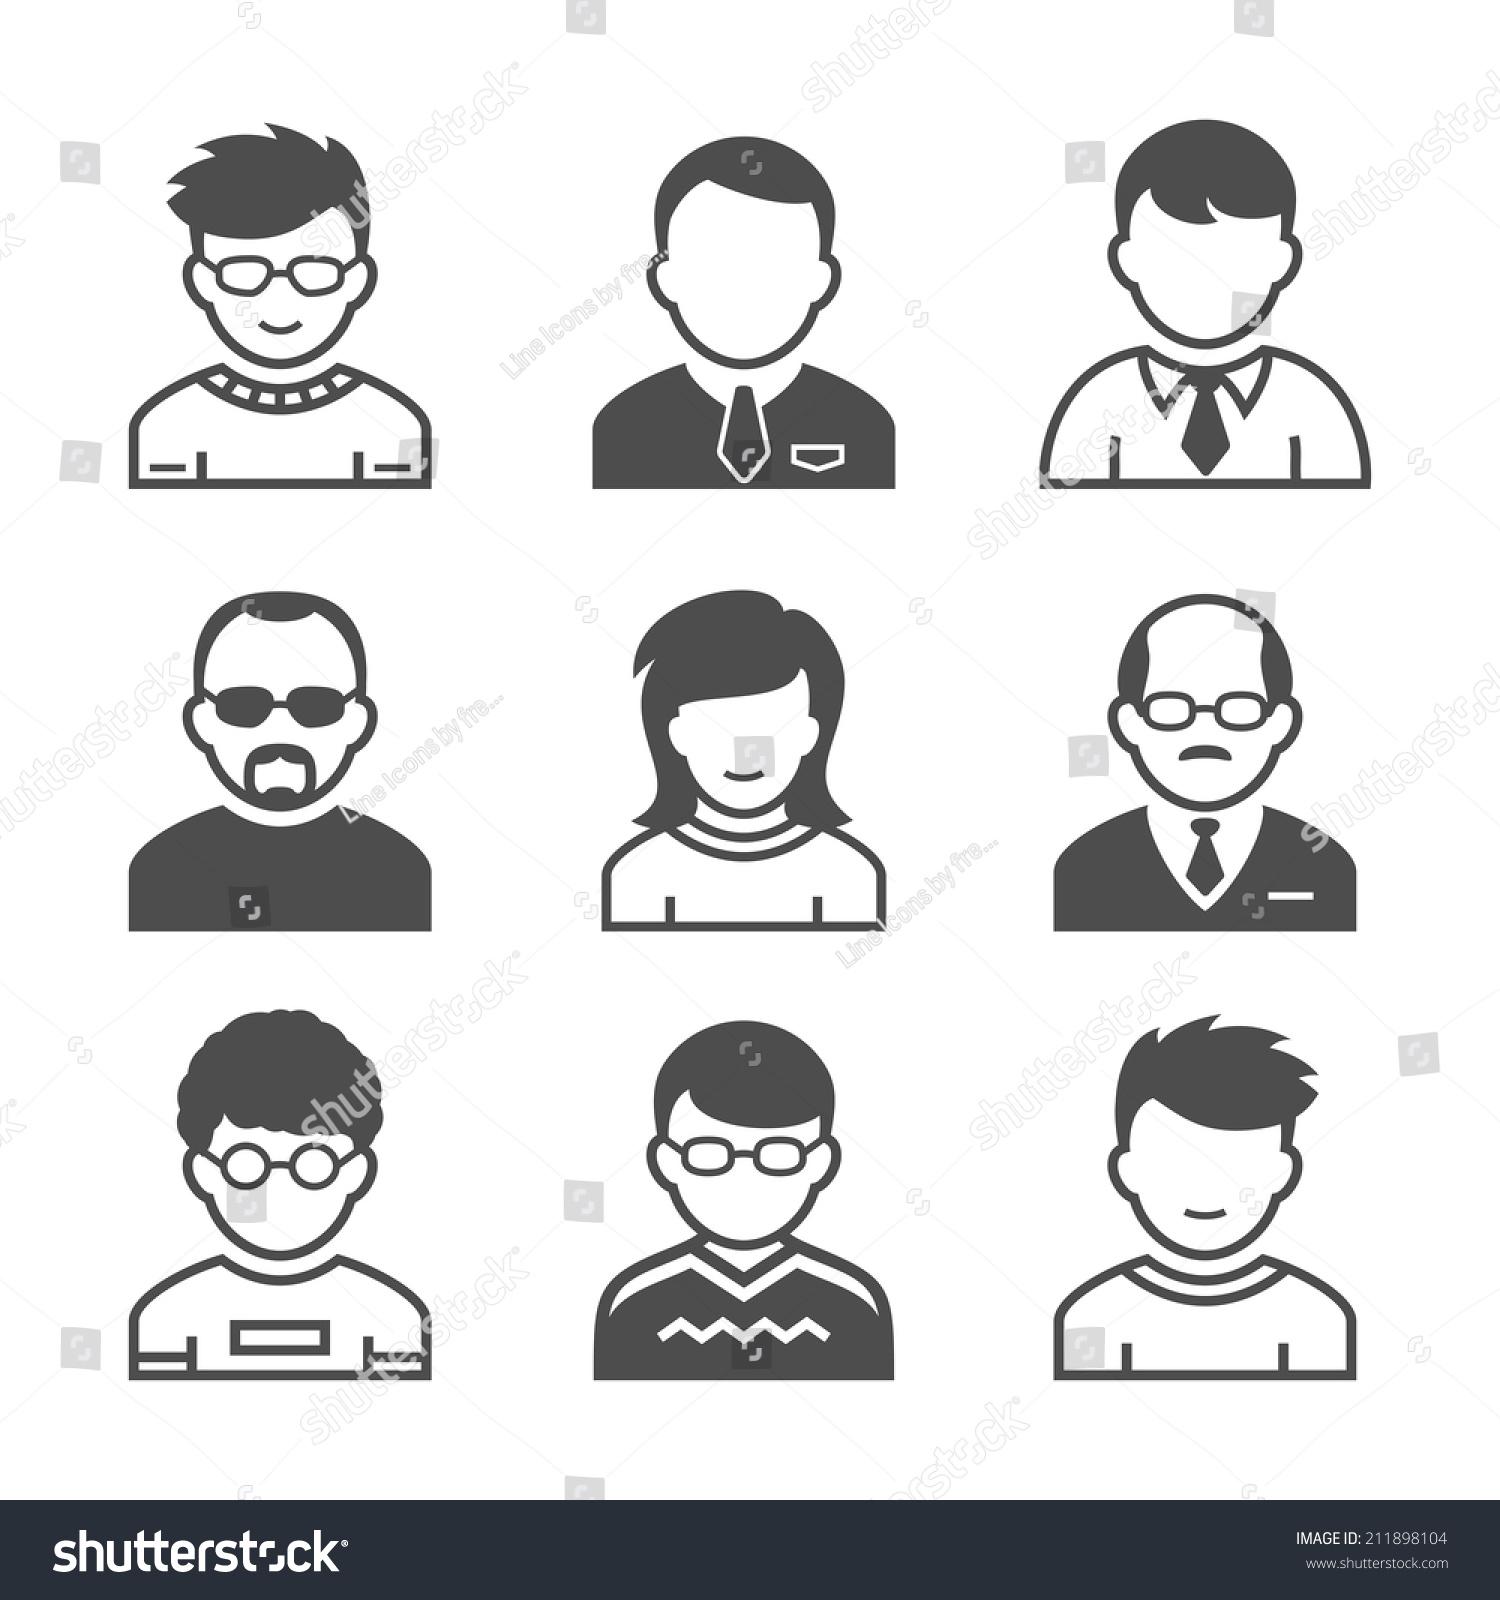 用户头像.职业和图标.矢量插图.simplus系列